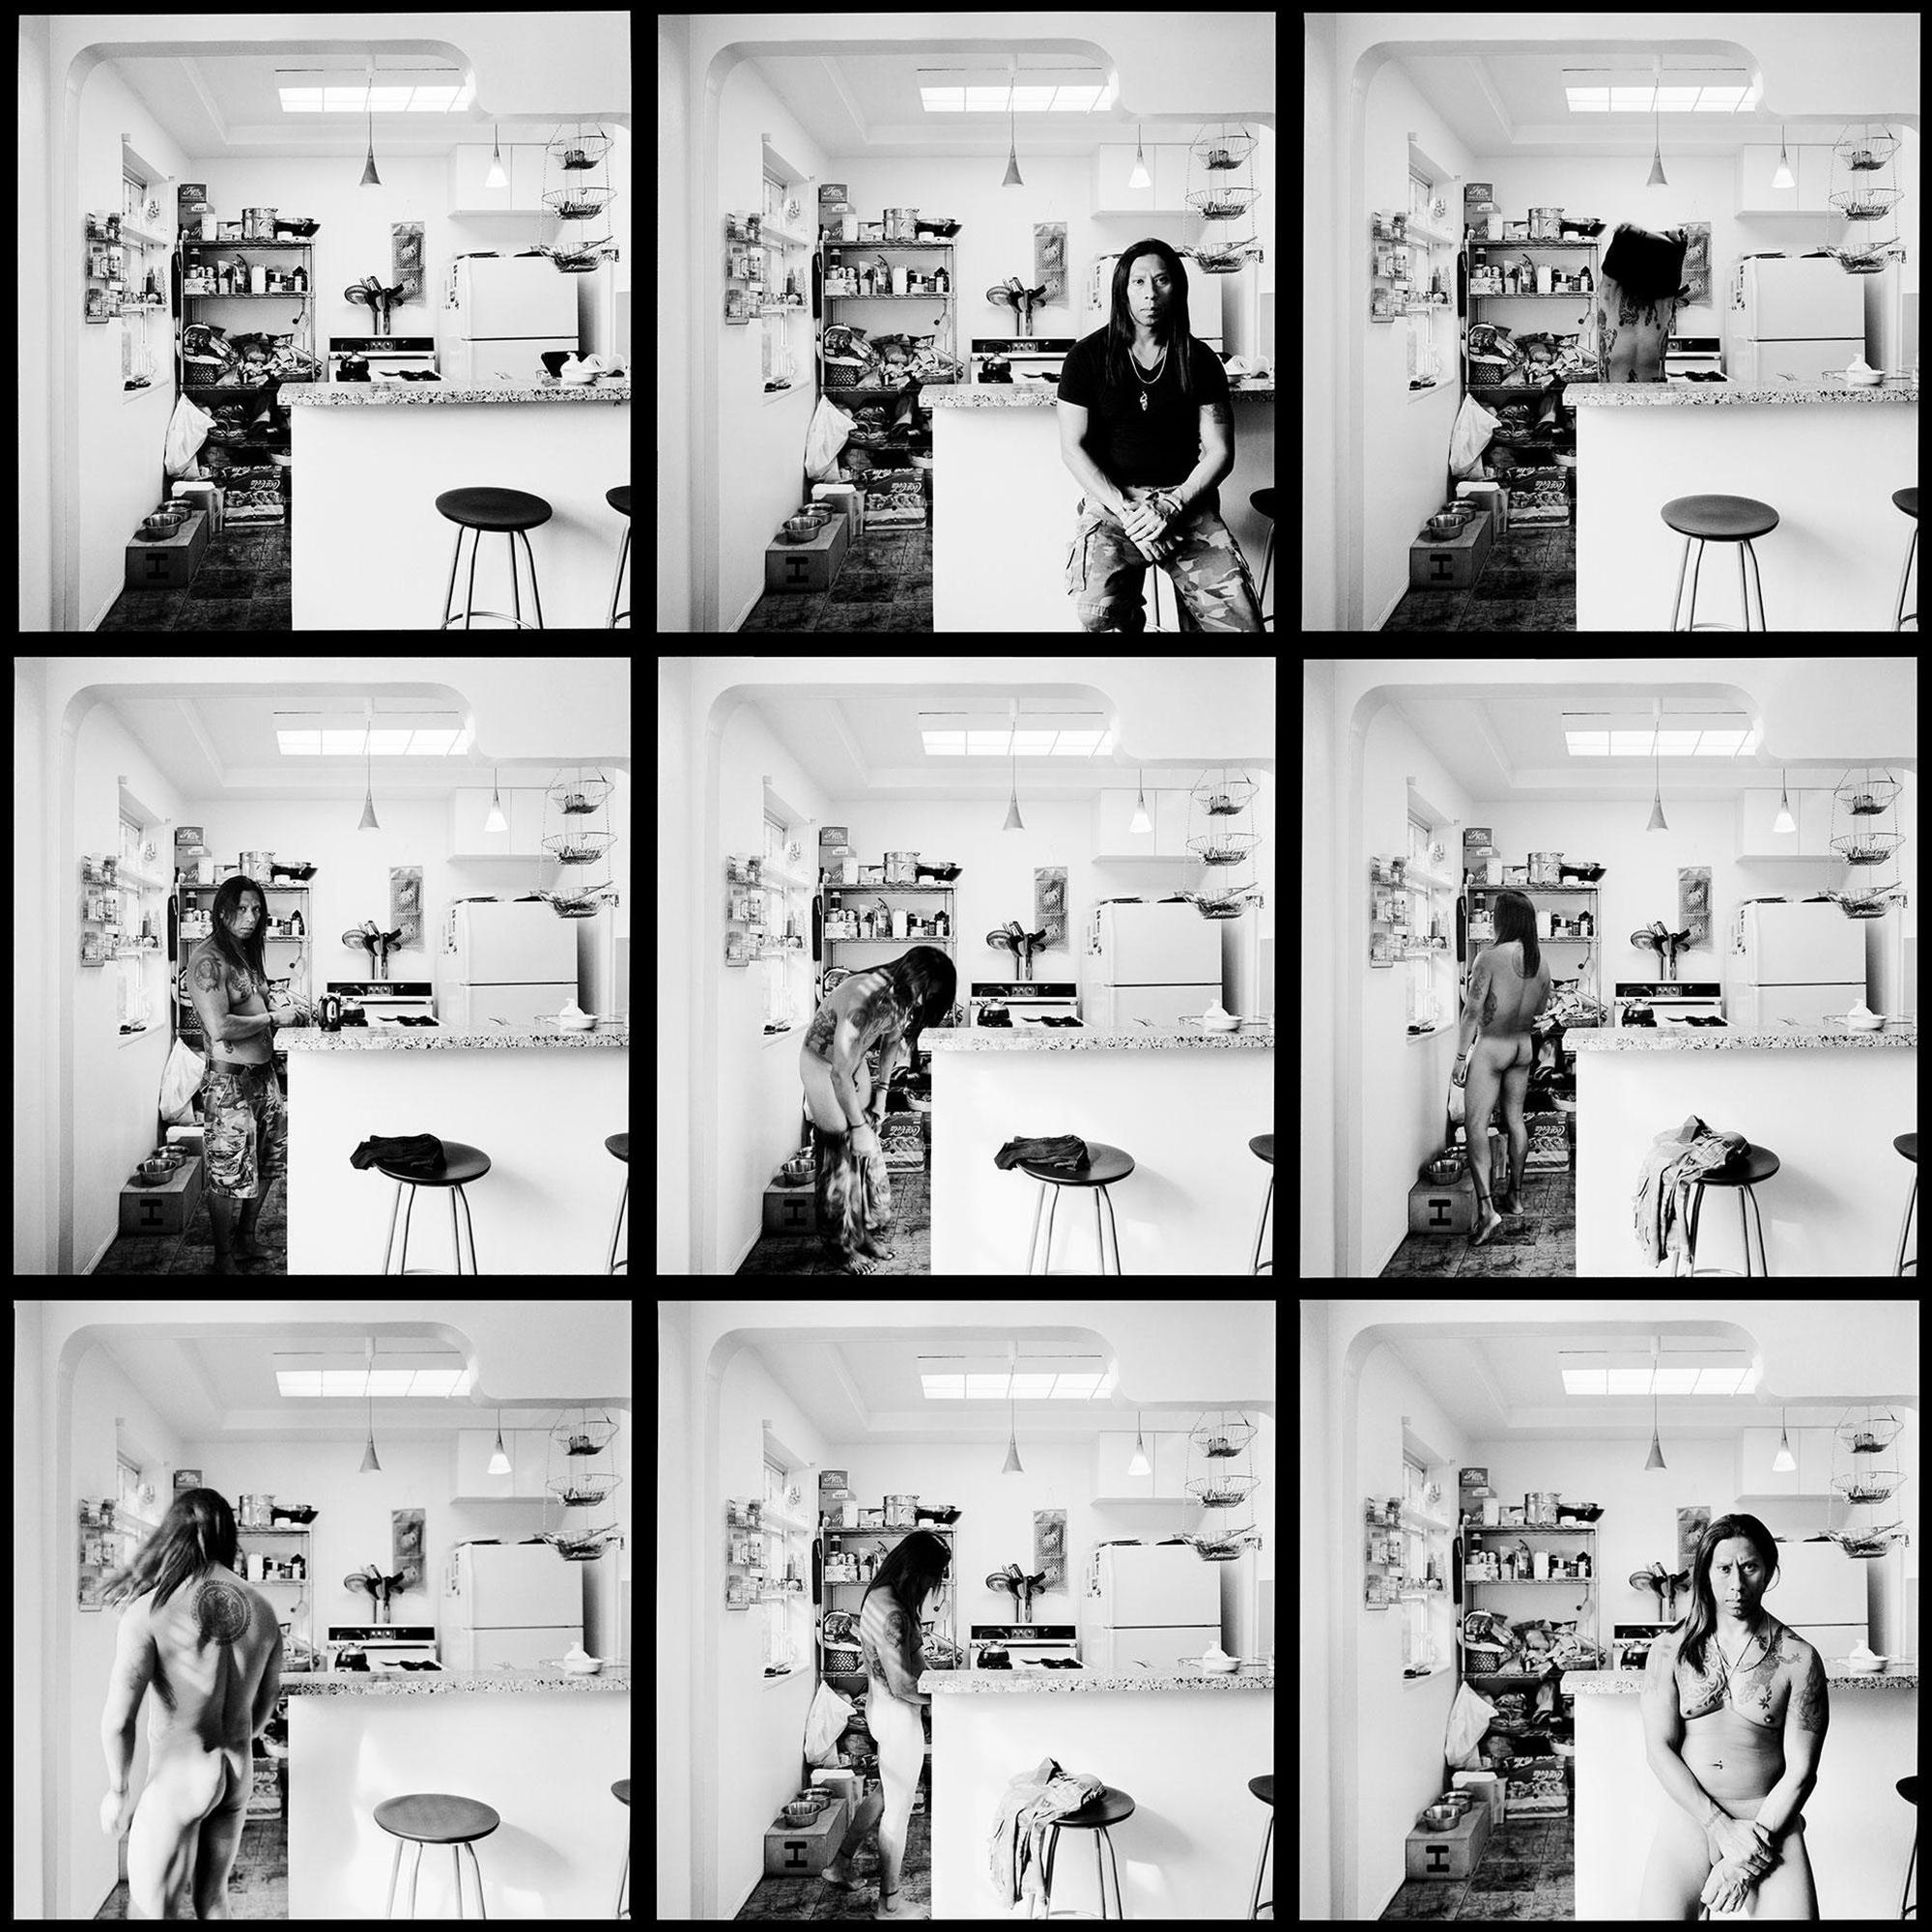 simonpuschmann-Naked-in-the-Kitchen-27-Tony-Miami-Beach-USA ...